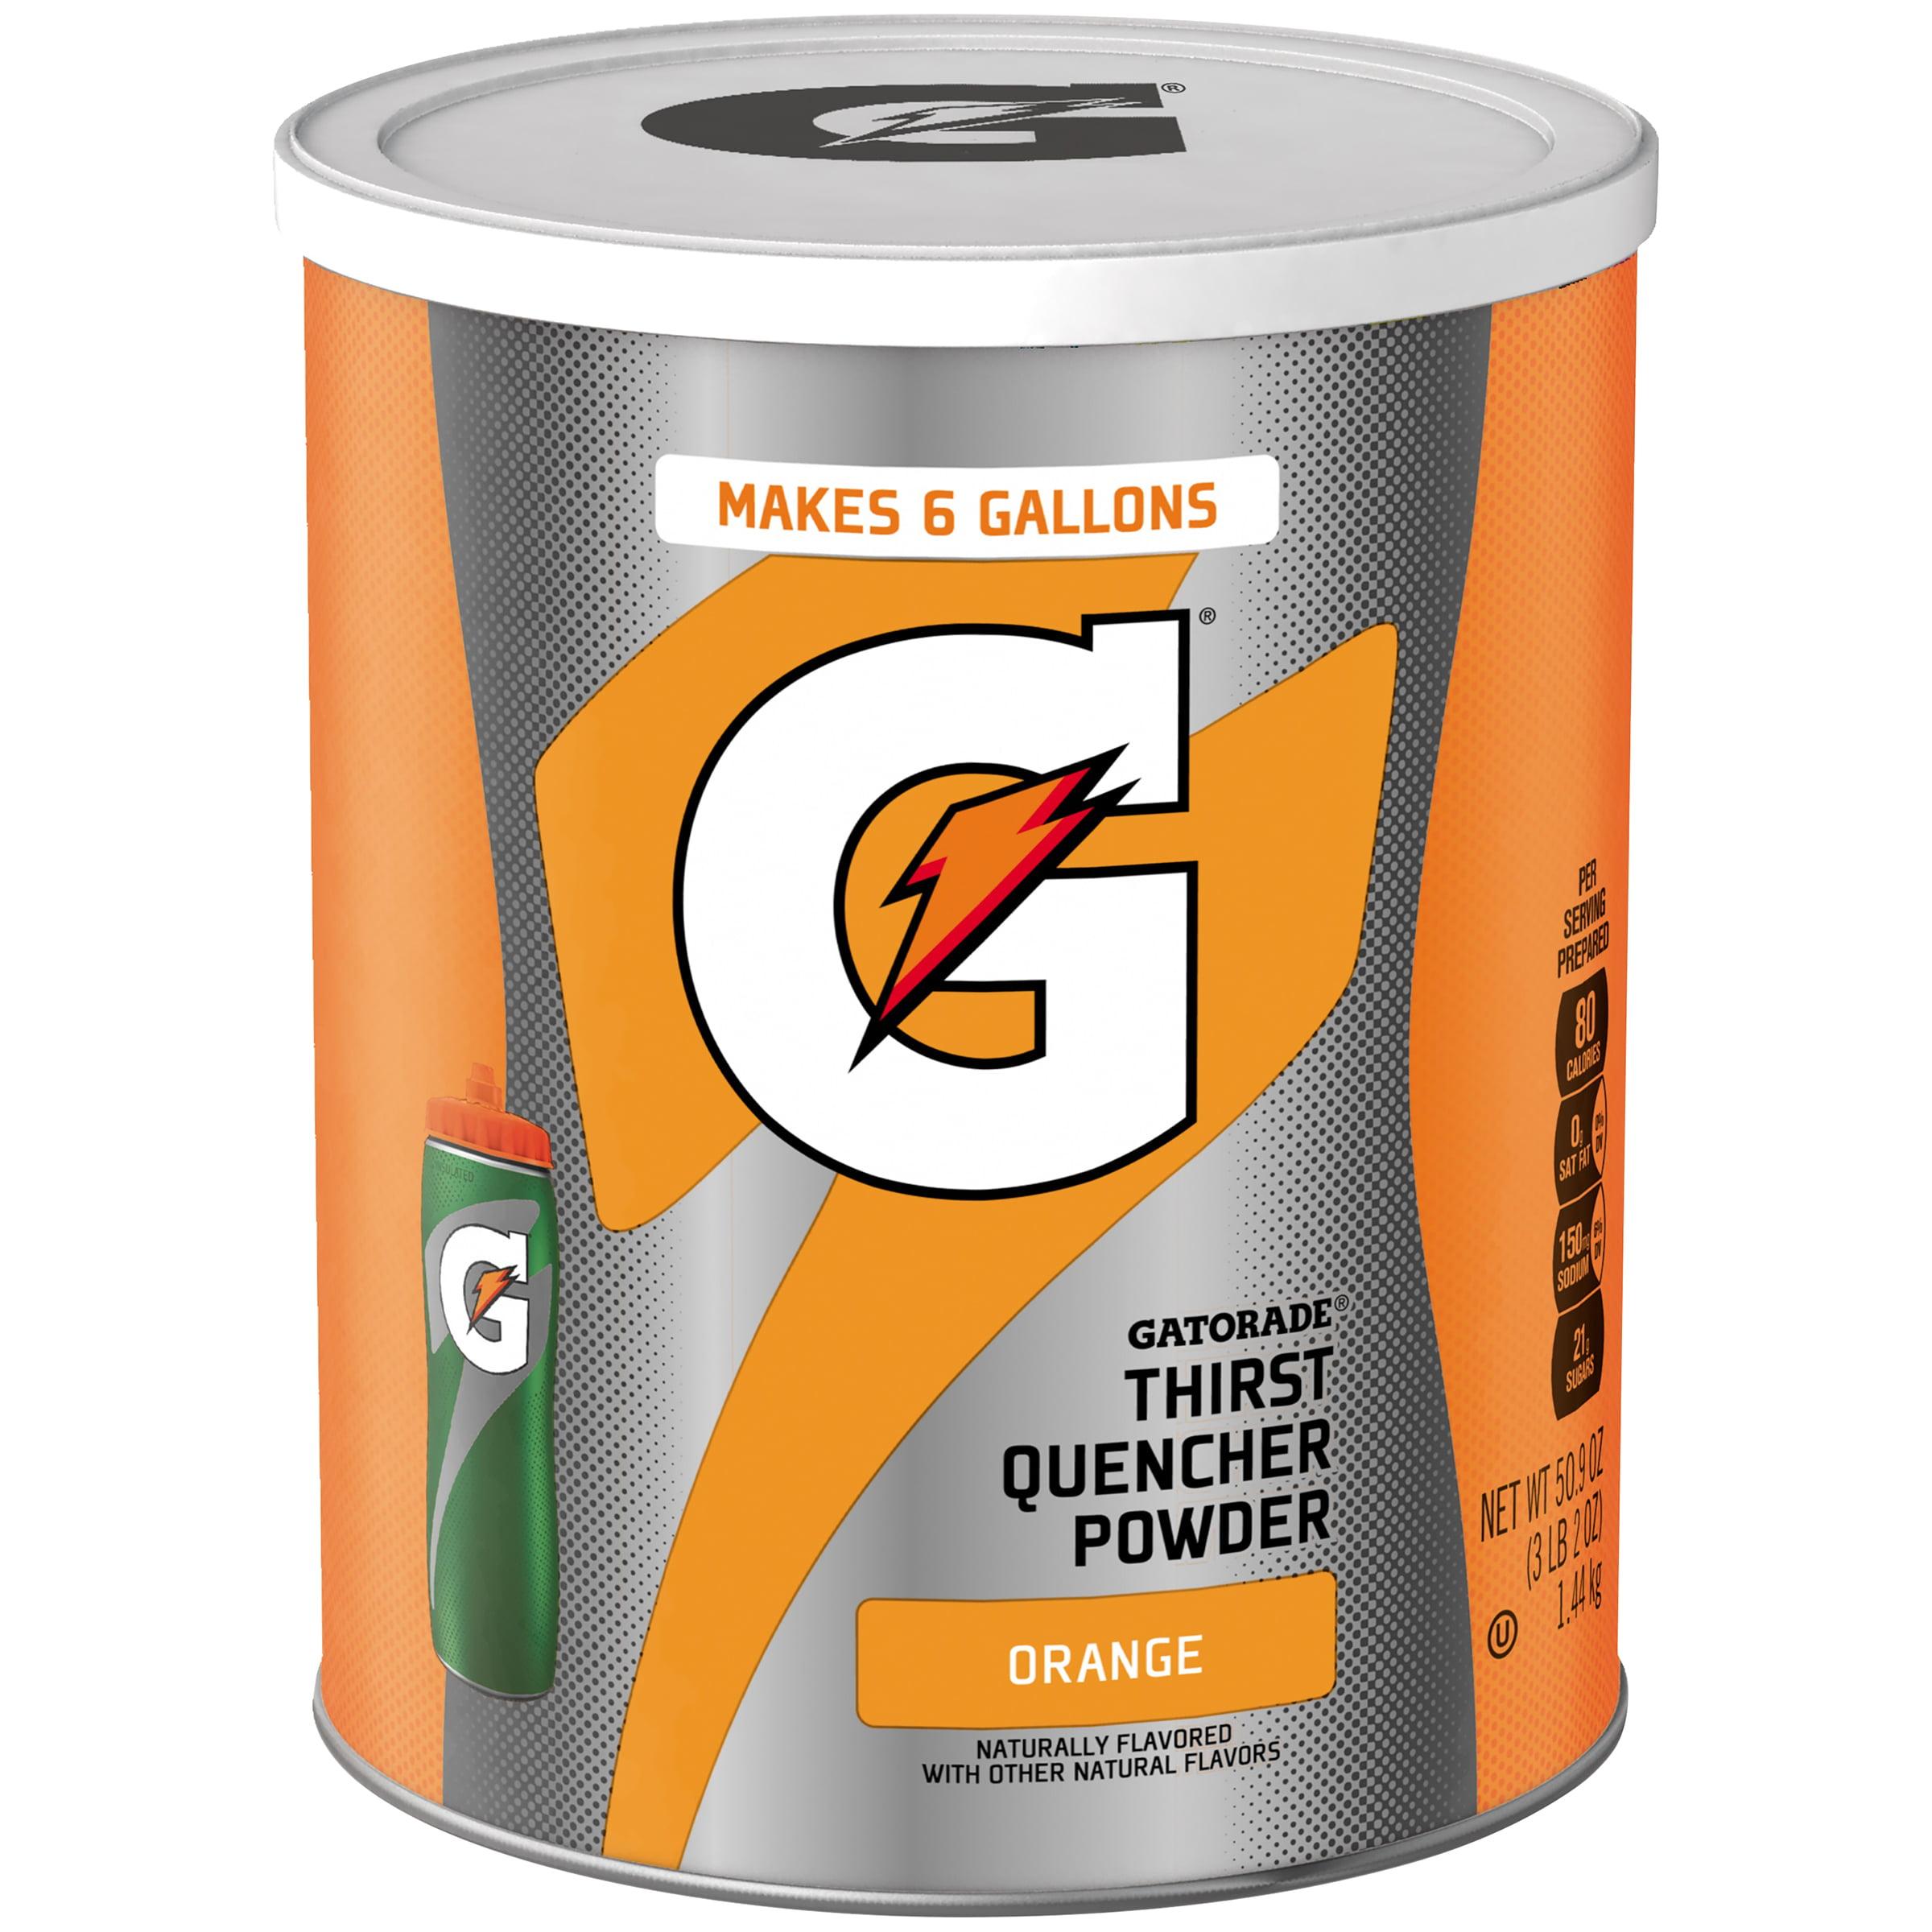 Gatorade Thirst Quencher Orange Sports Drink, 51 oz